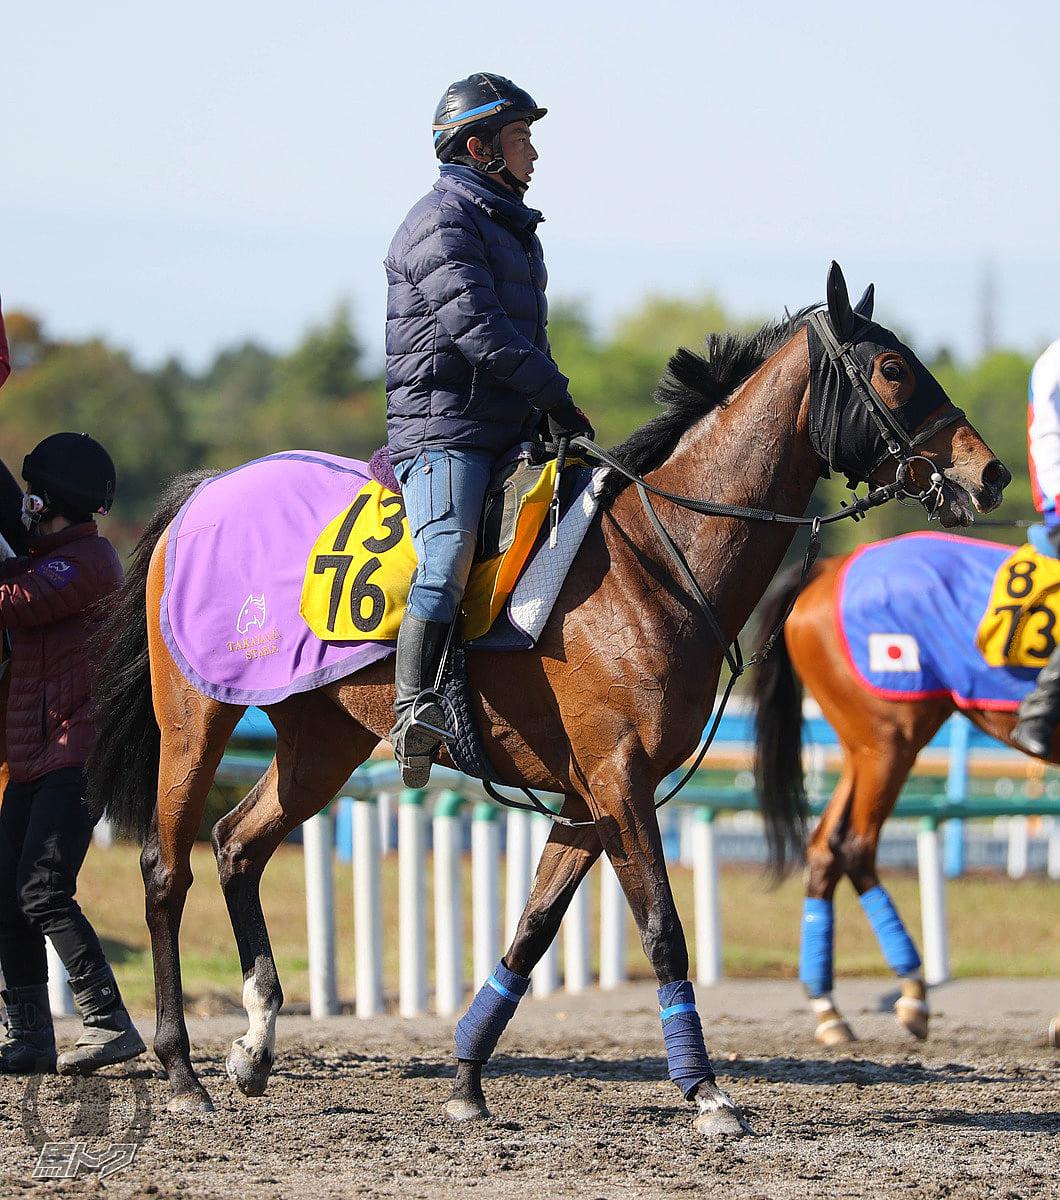 パラスアテナの馬体写真